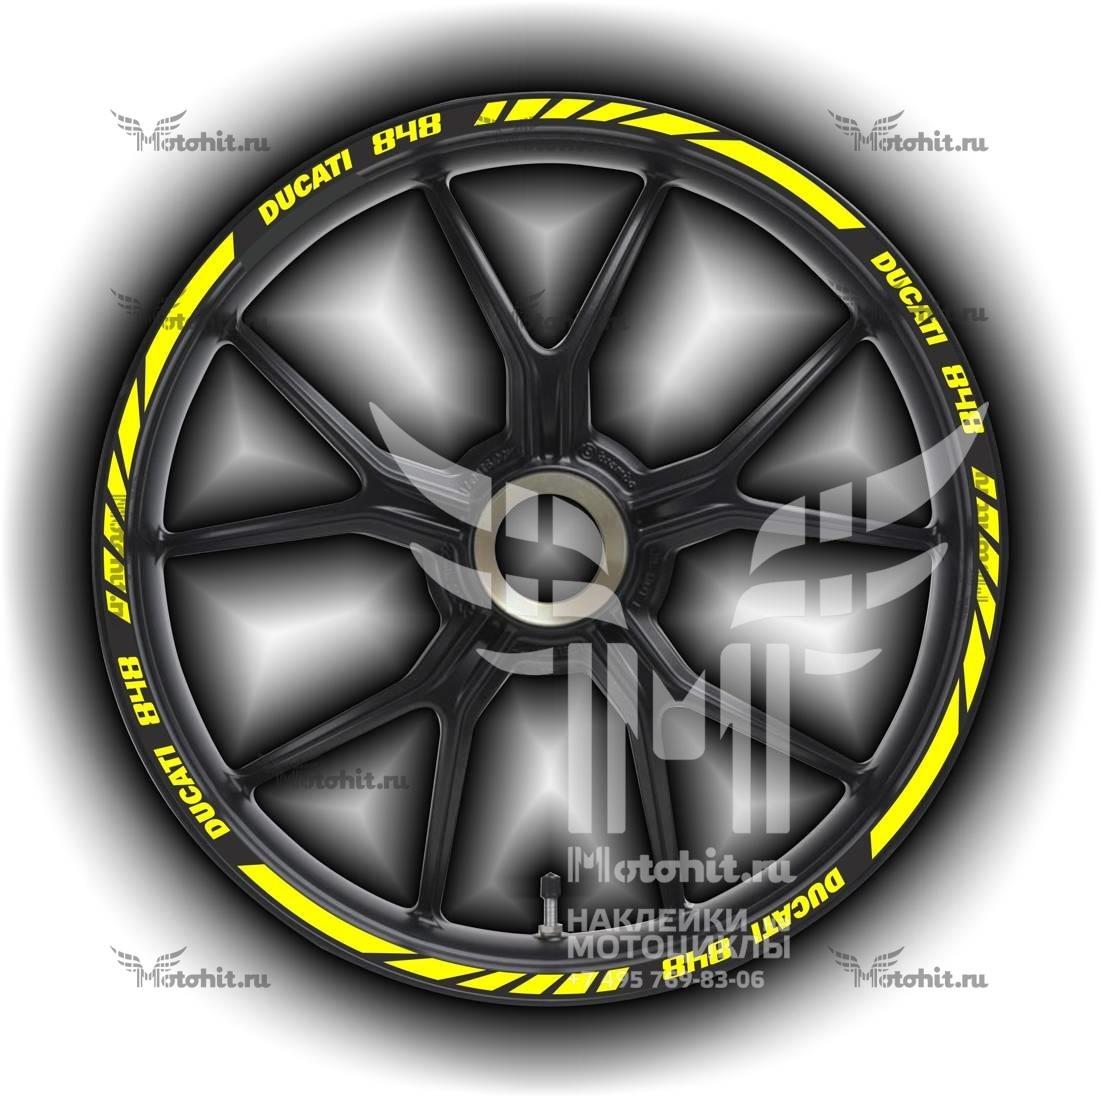 Комплект наклеек на обод колеса мотоцикла DUCATI 848